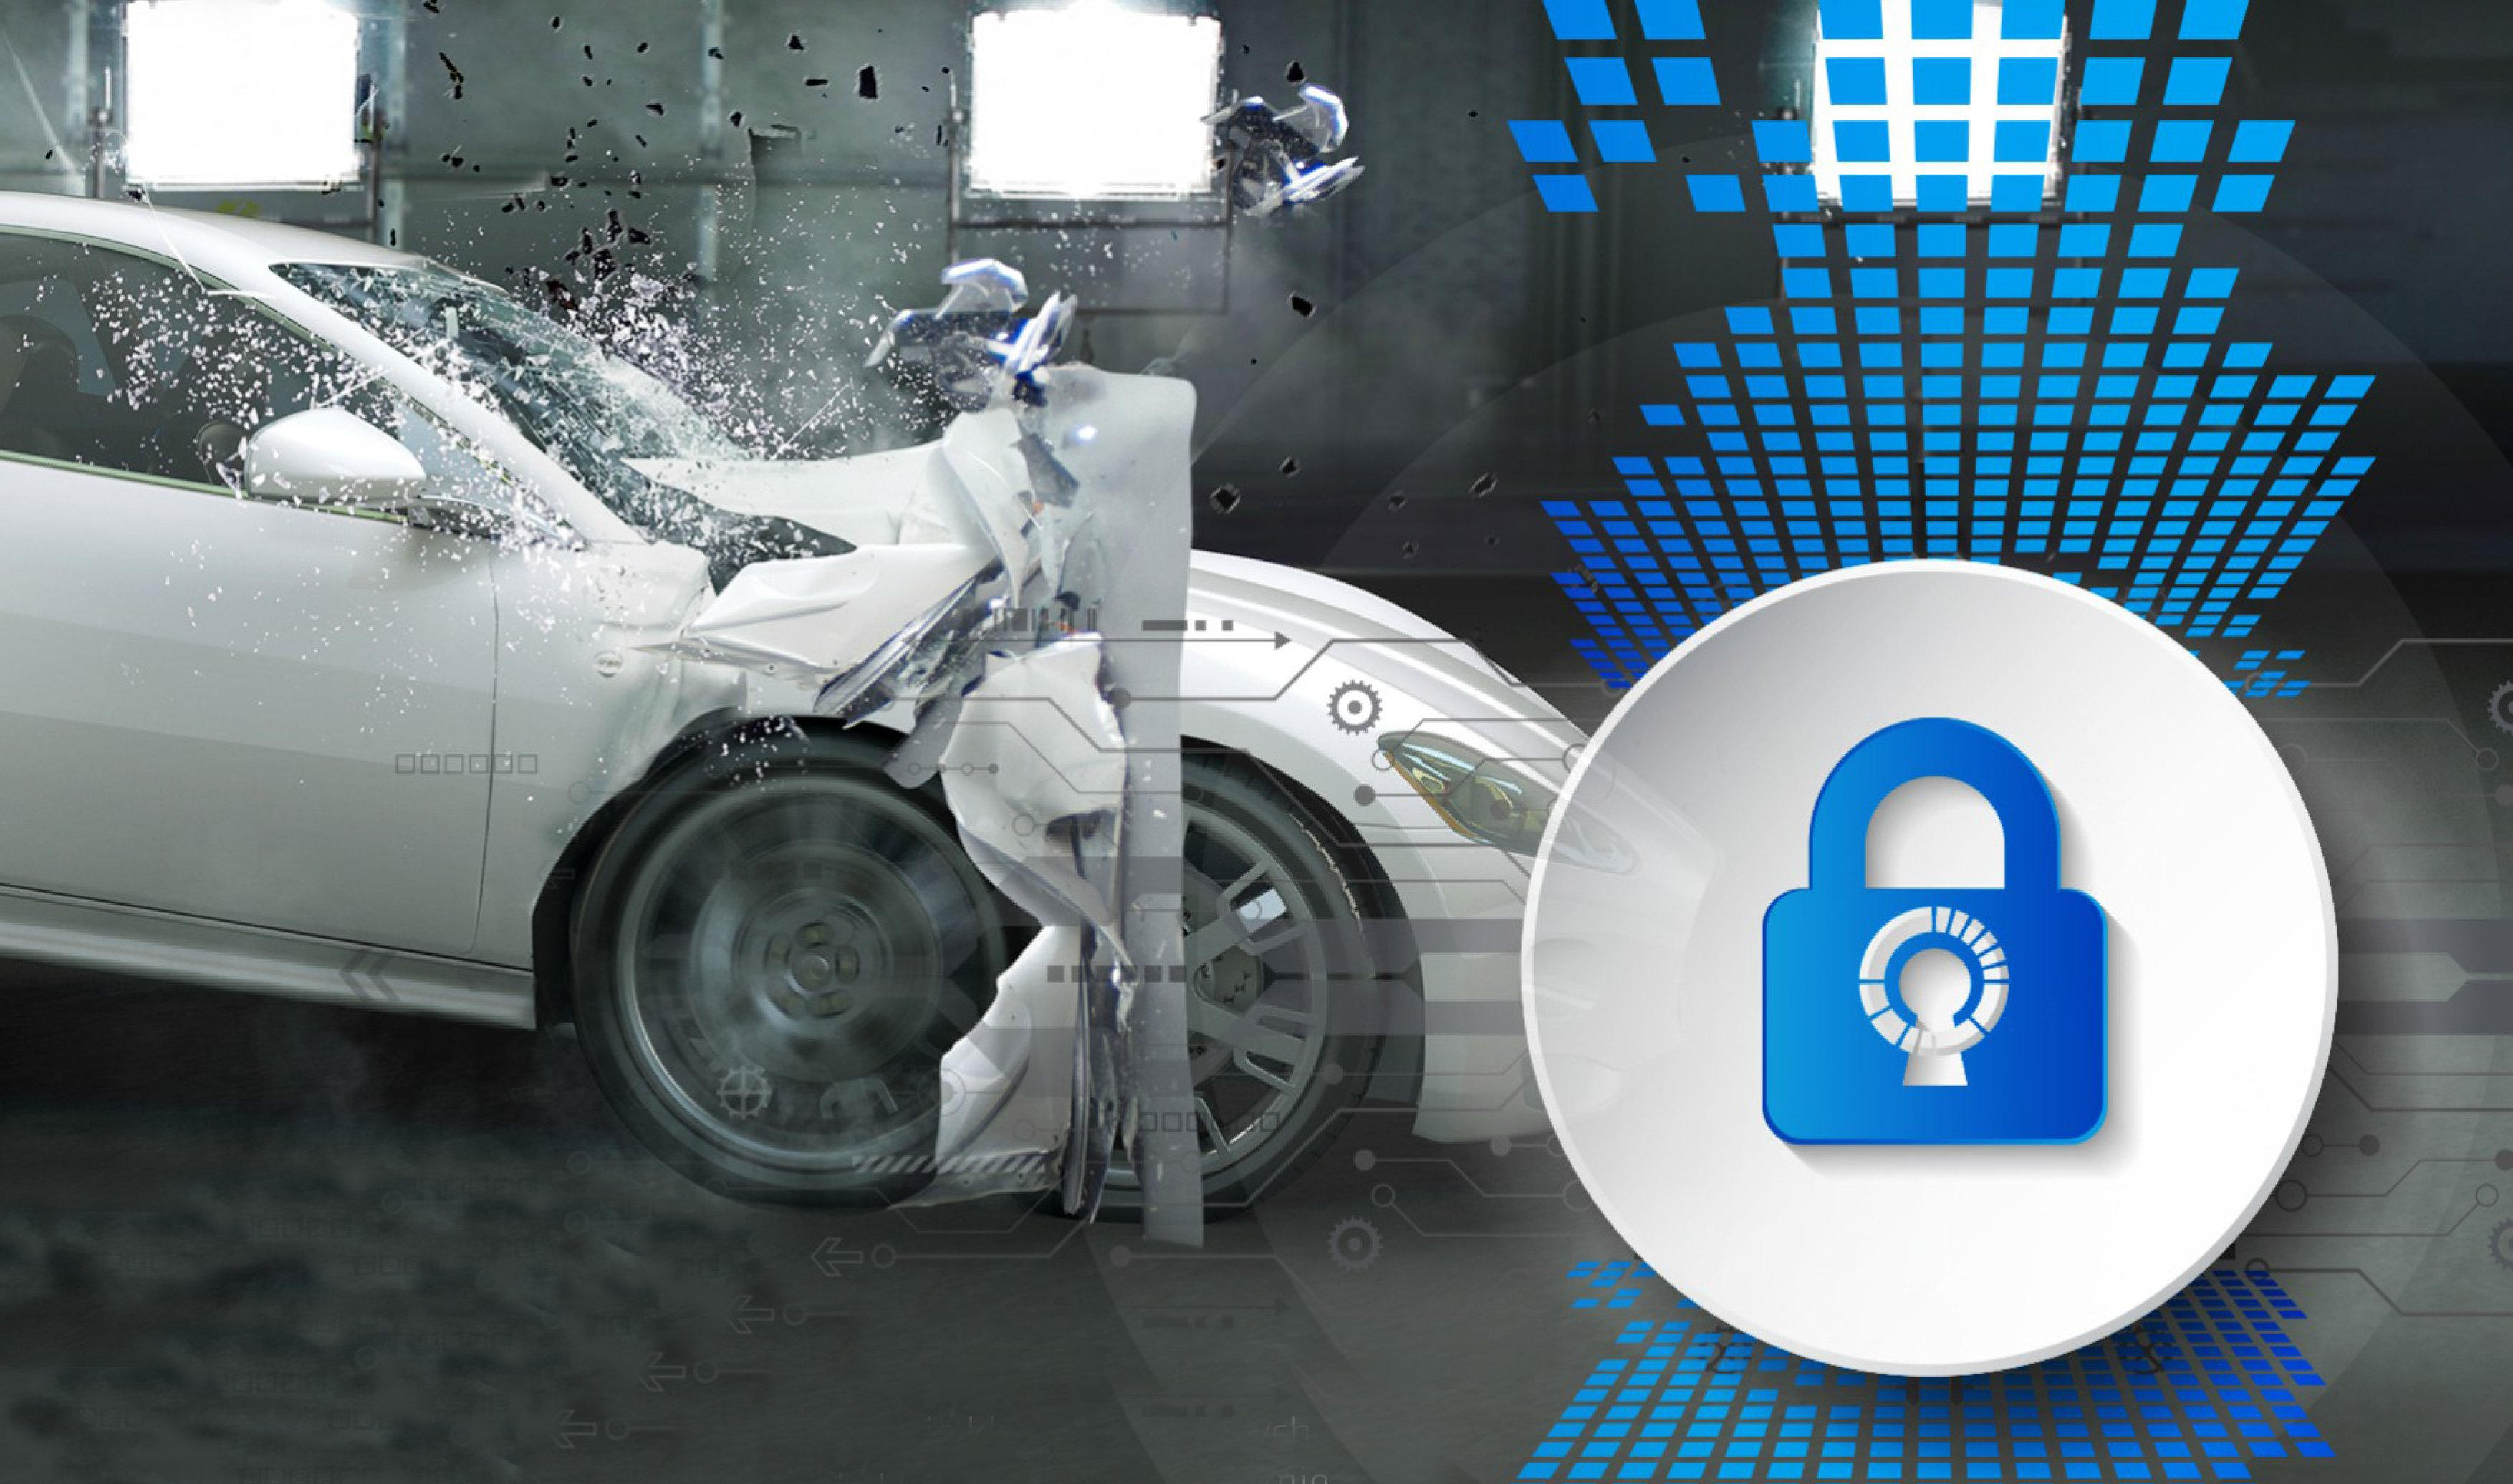 Funkcja G-sensor odpowiada za zabezpieczenie kluczowych danych w momencie kolizji lub nagłego hamowania.